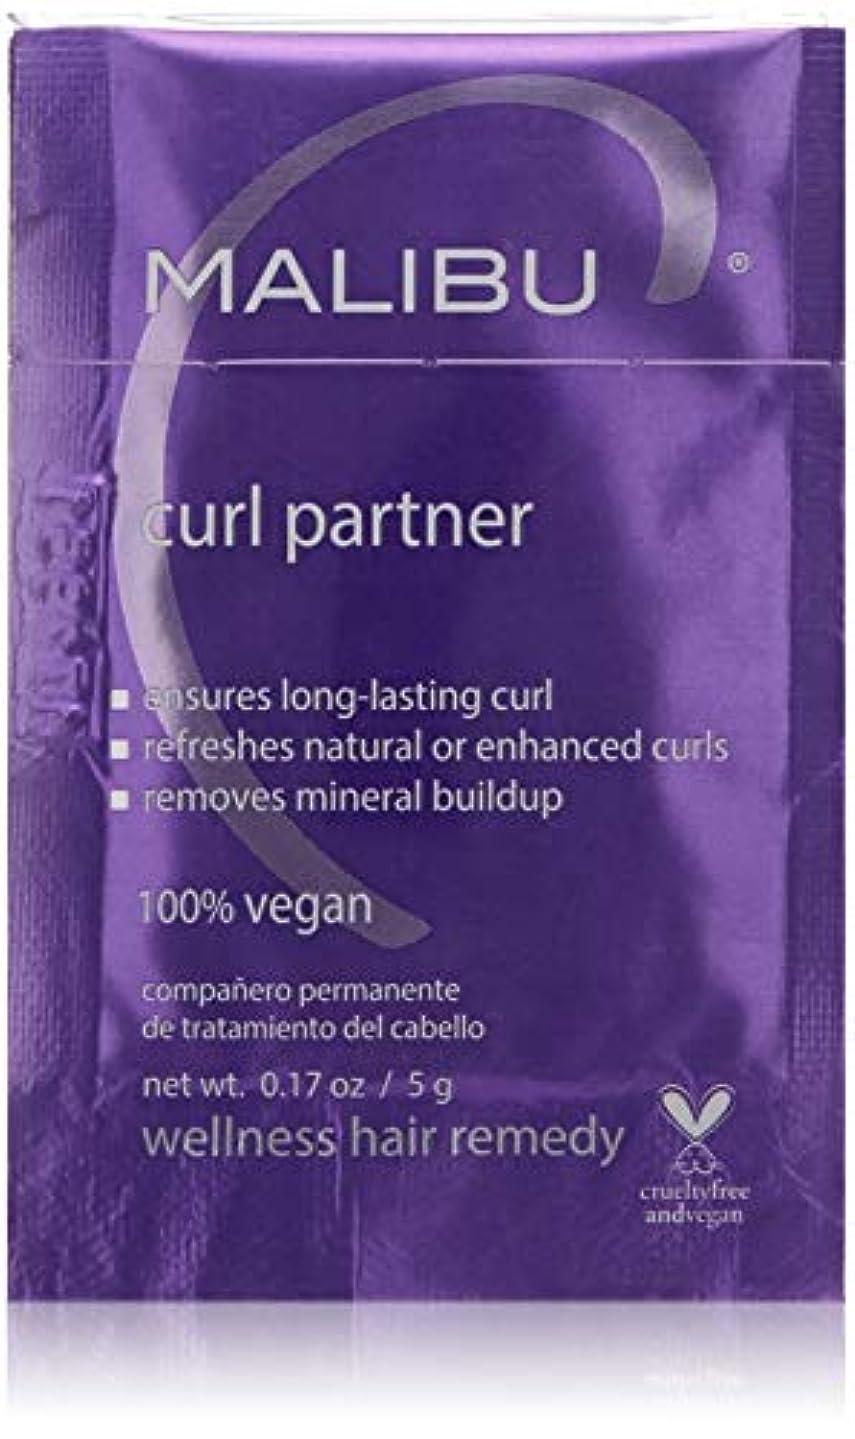 シリングギャロップ失望Malibu C Curl Partner Wellness Hair Remedy 12x5g/0.17oz並行輸入品